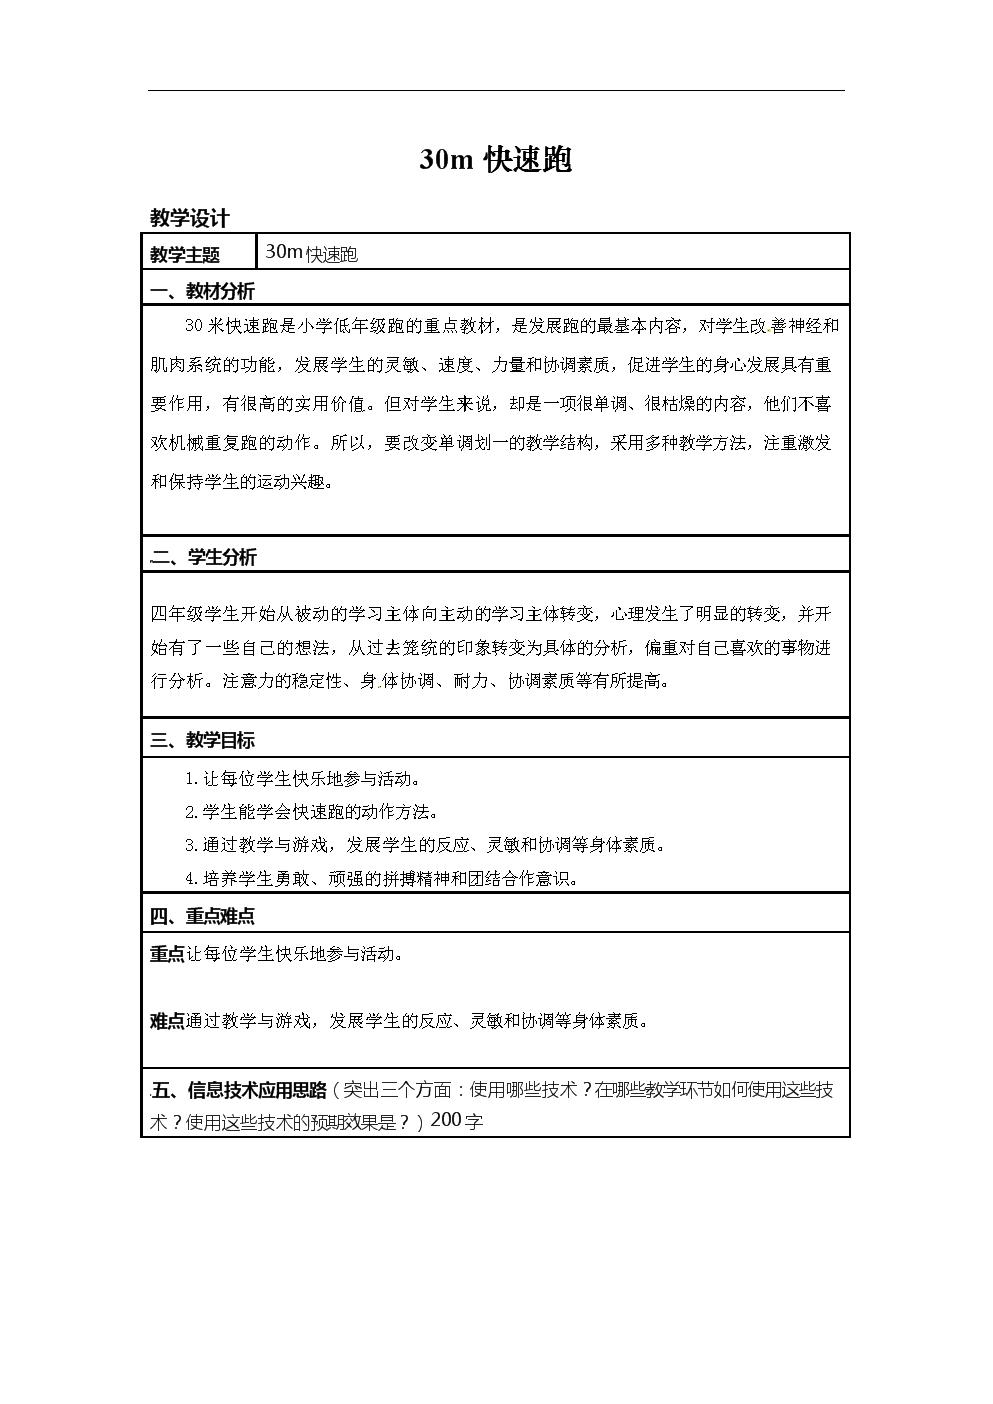 小学体育教案-30m跑 全国通用.doc